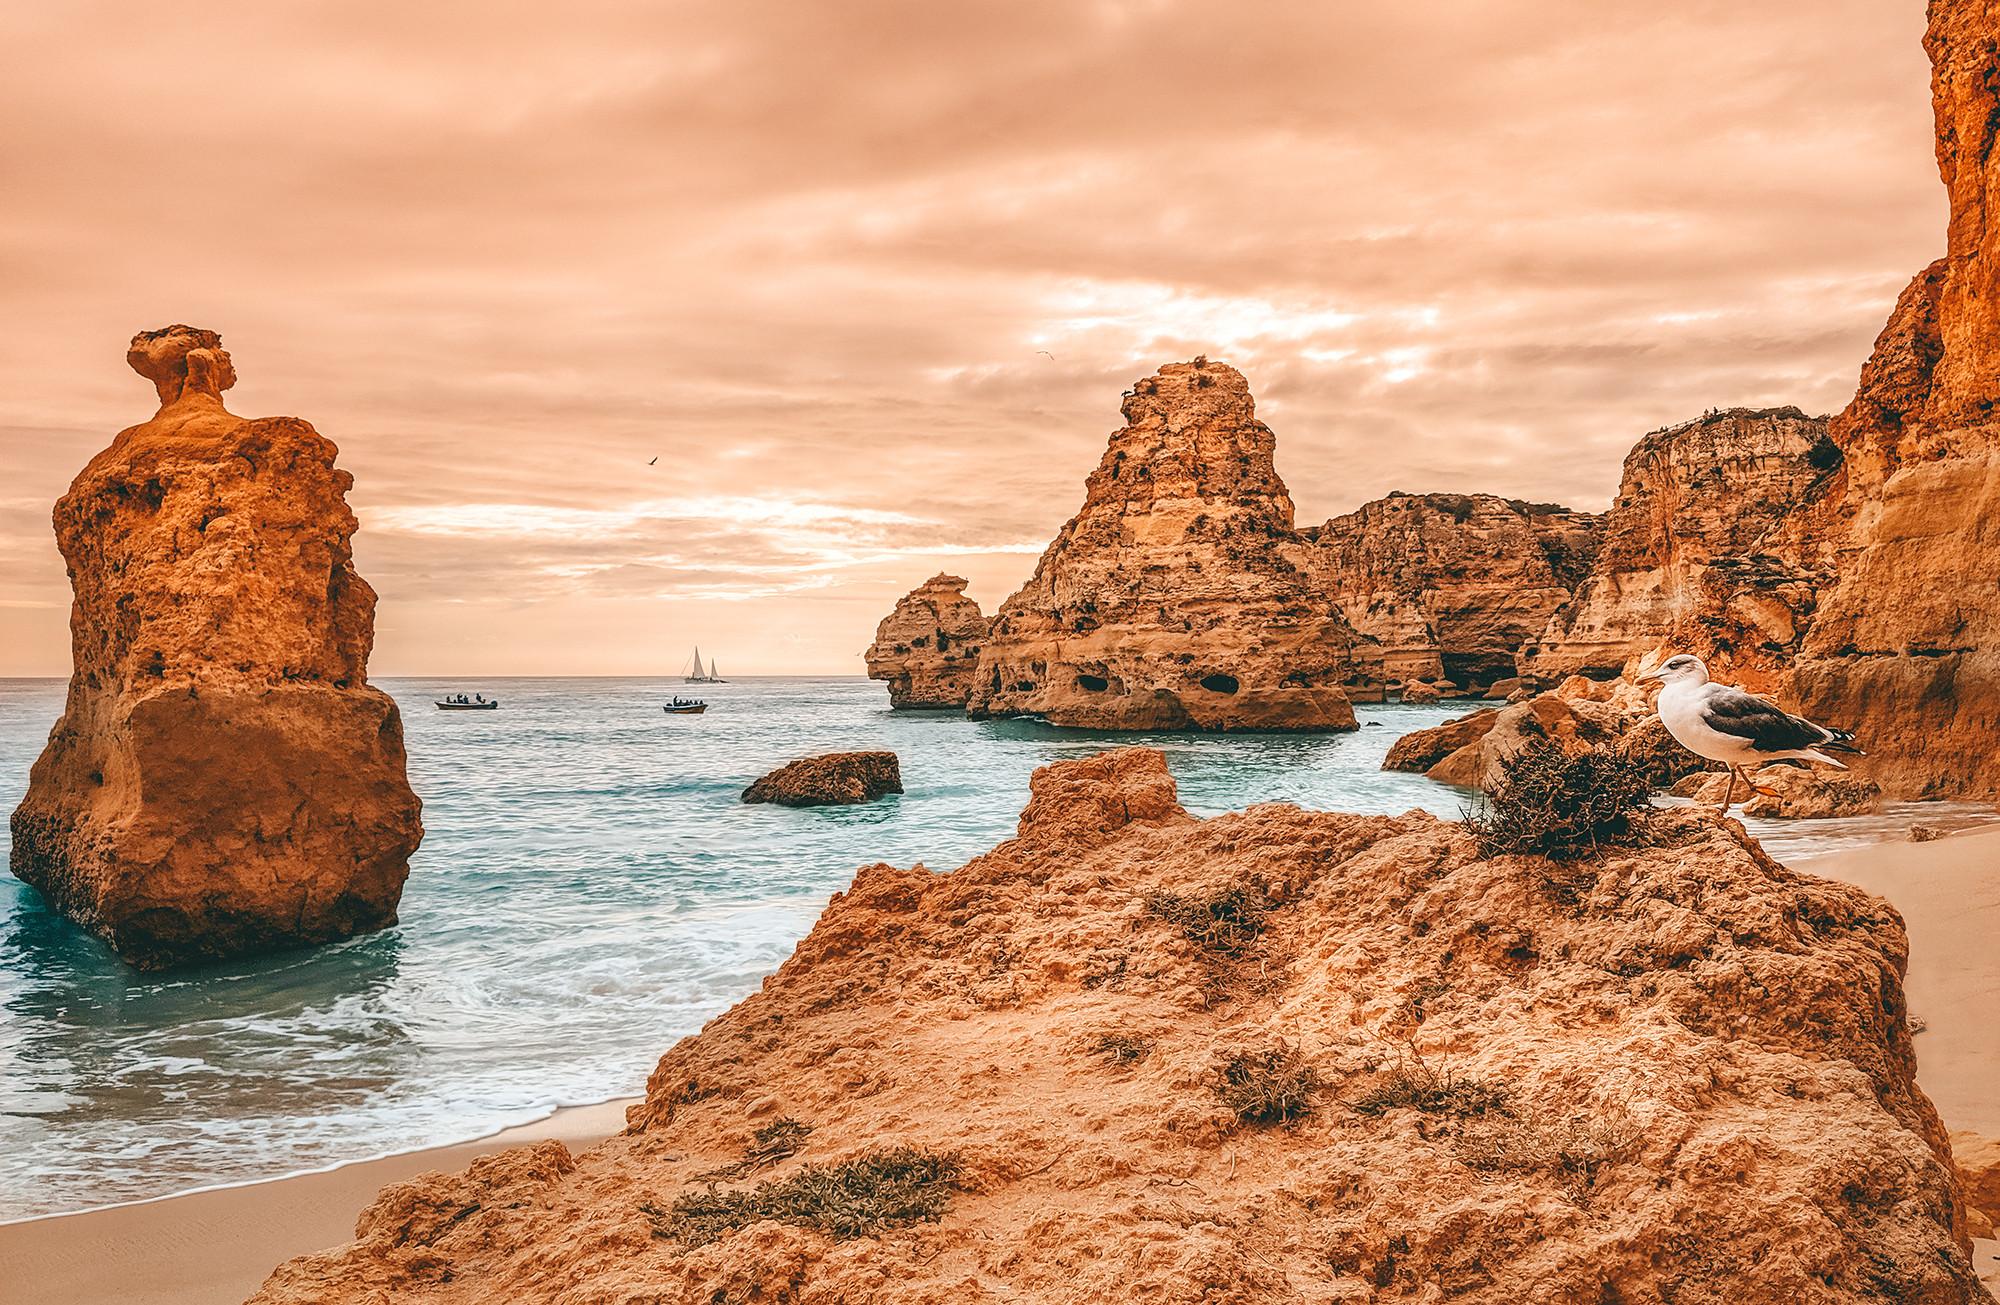 Praia da Marinha View with Seagull